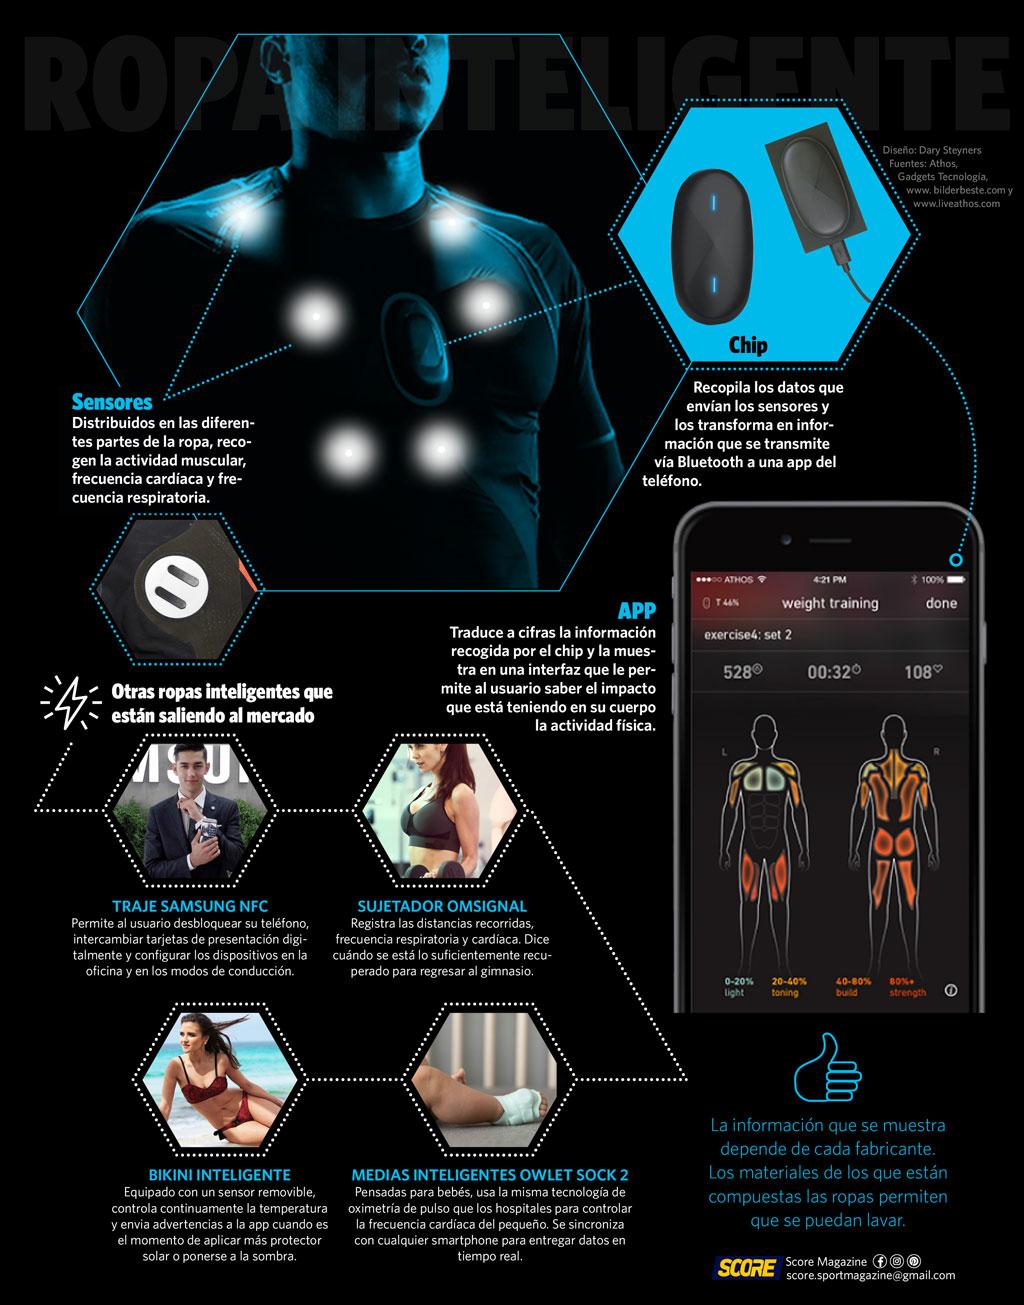 Funcionamiento de la ropa inteligente